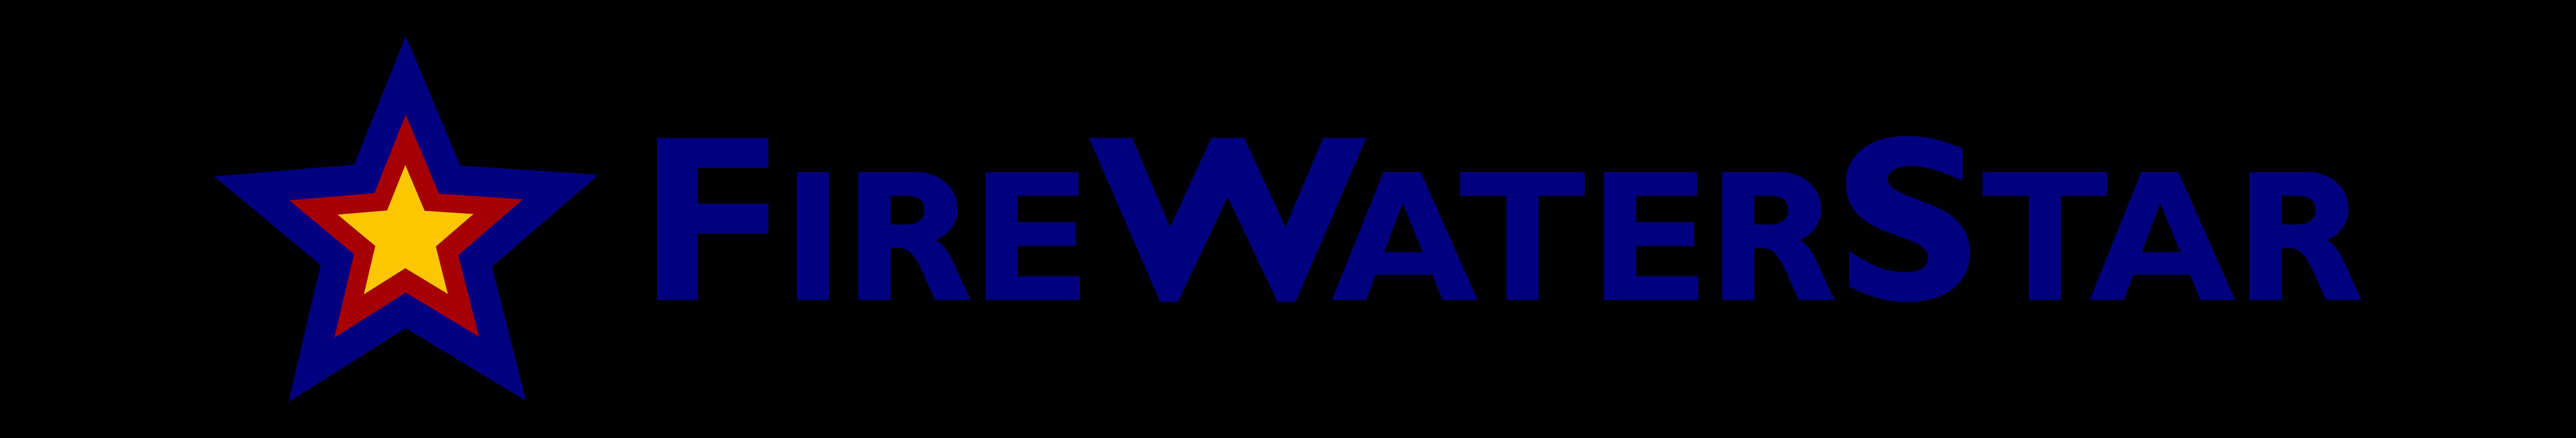 FireWaterStar